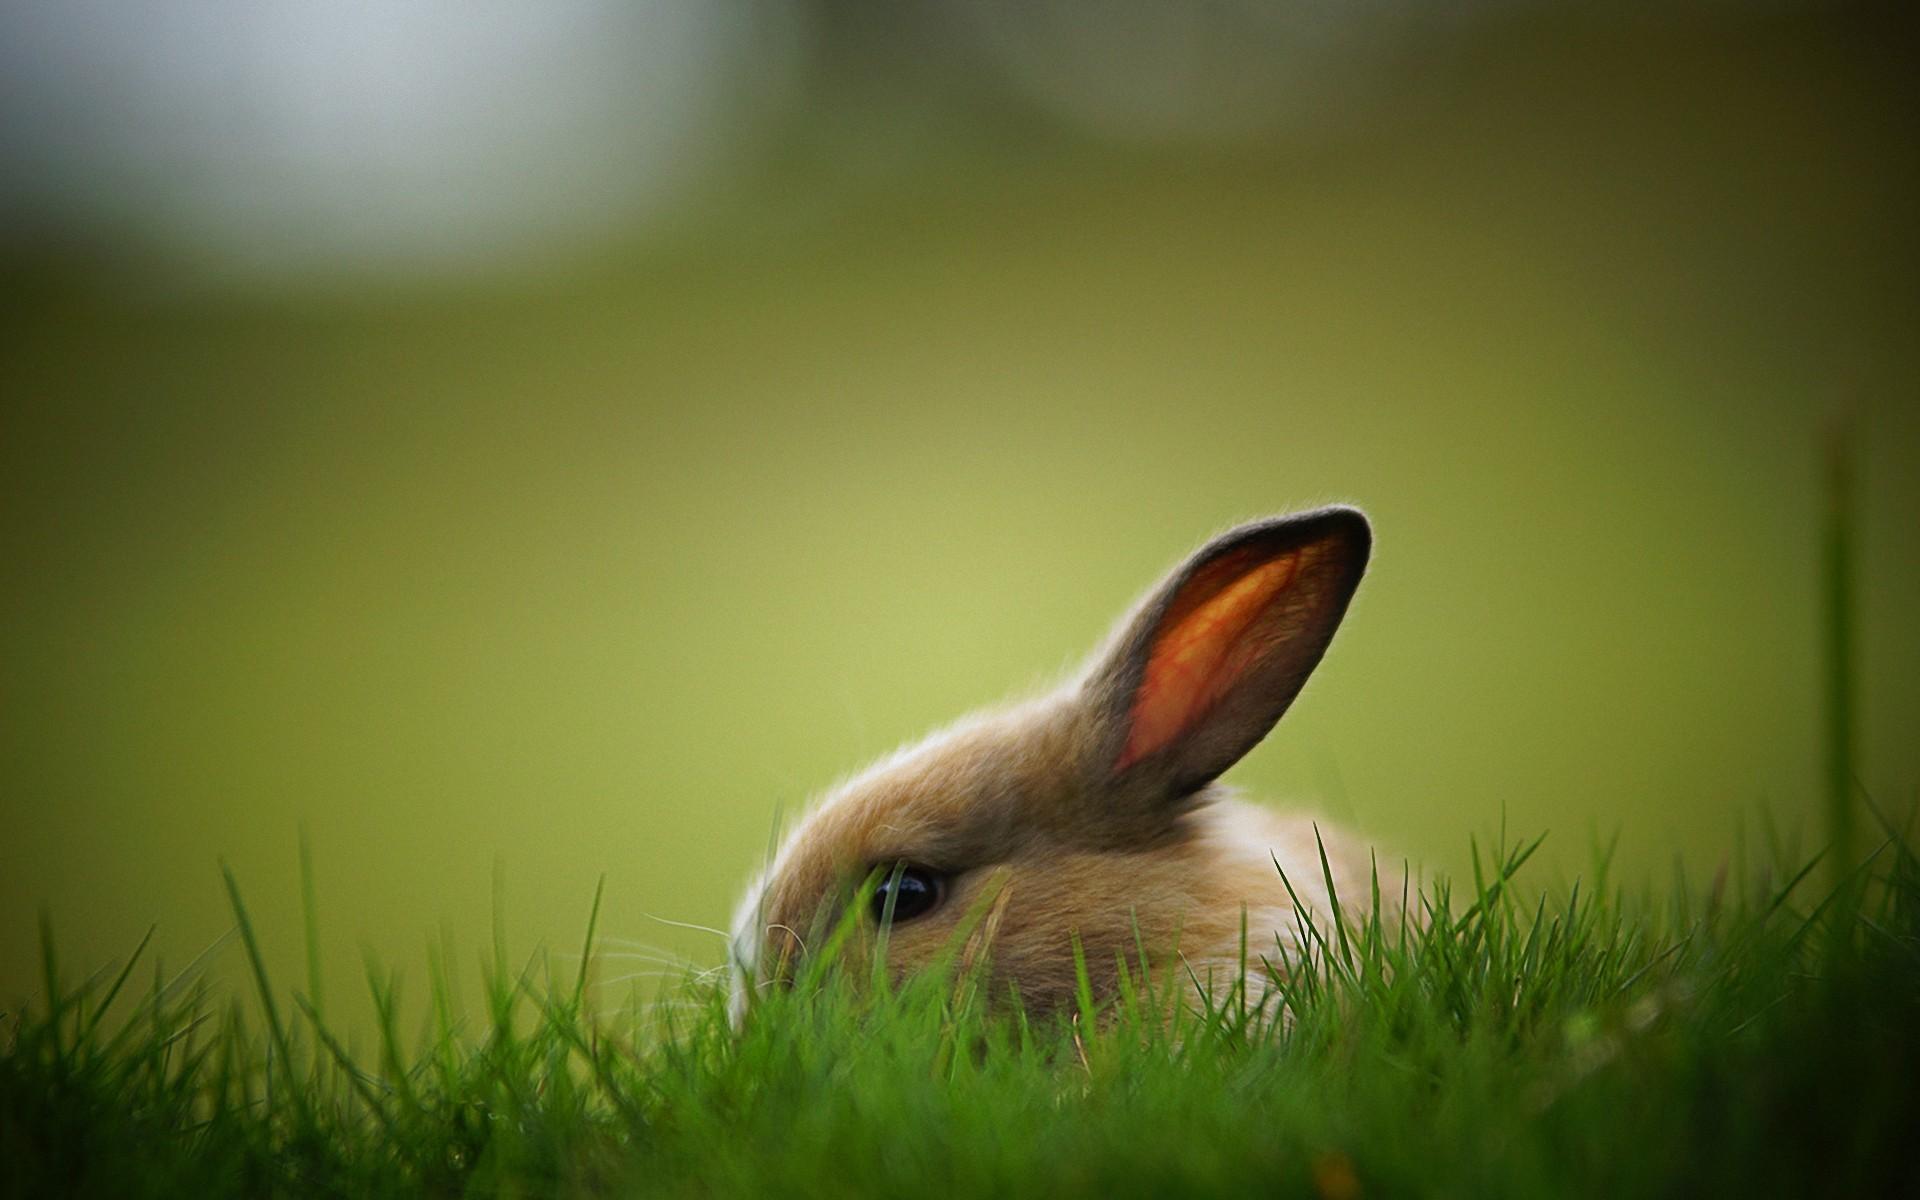 Кролик макро  № 3207725 загрузить